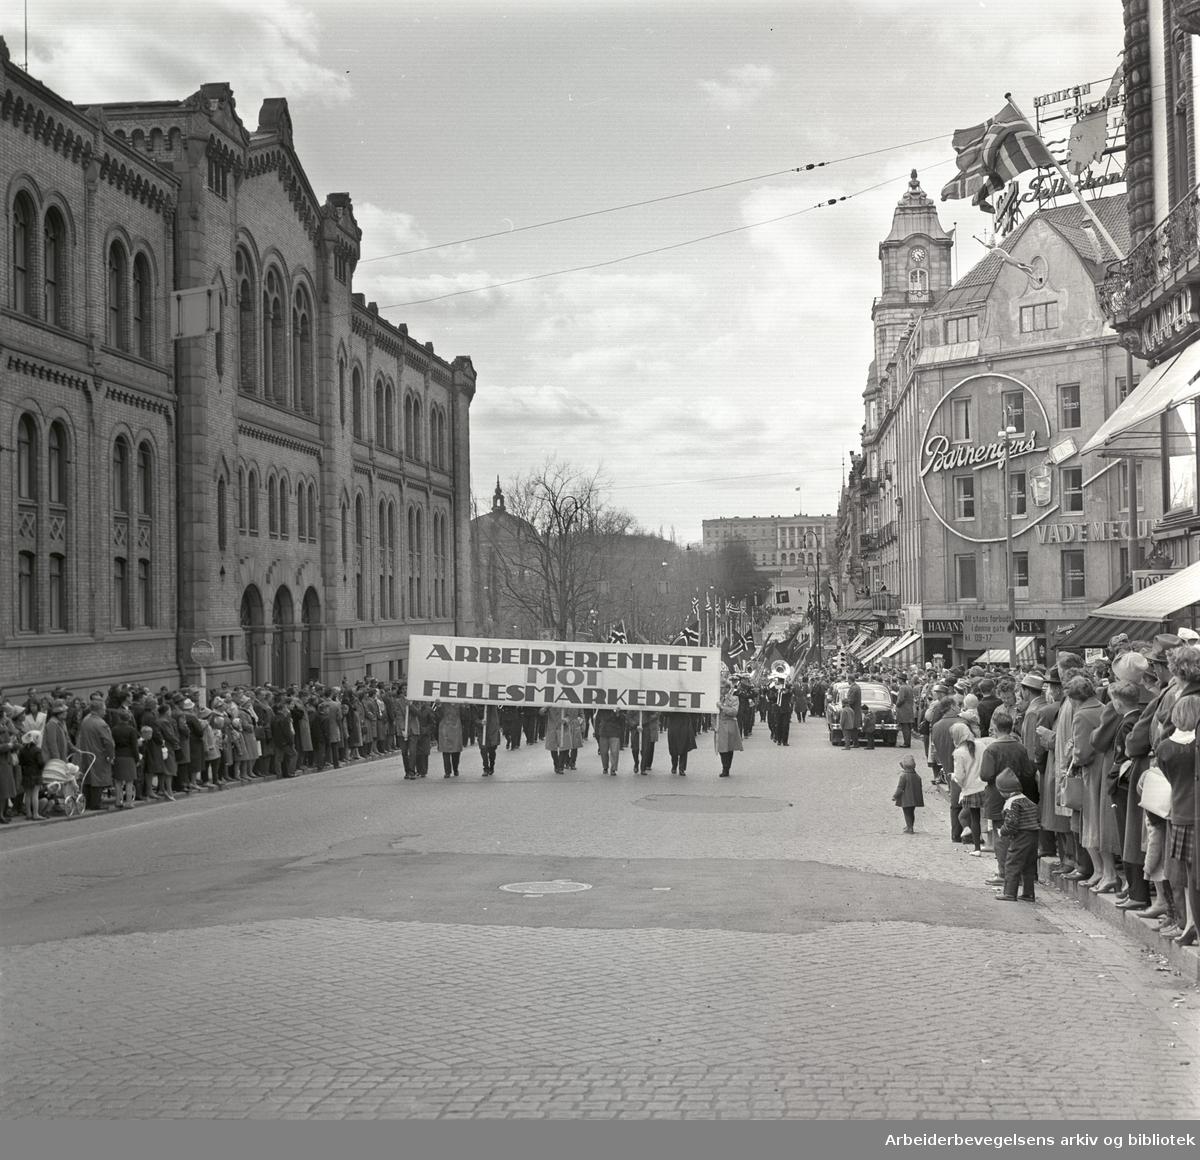 """1. mai 1962 i Oslo.Demonstrasjonstog arrangert av """"Faglig aksjon mot Fellesmarkedet"""" med støtte fra Sosialistisk Folkeparti (SF) og Norges kommunistiske parti (NKP)...Parole: Arbeiderenhet mot Fellesmarkedet"""